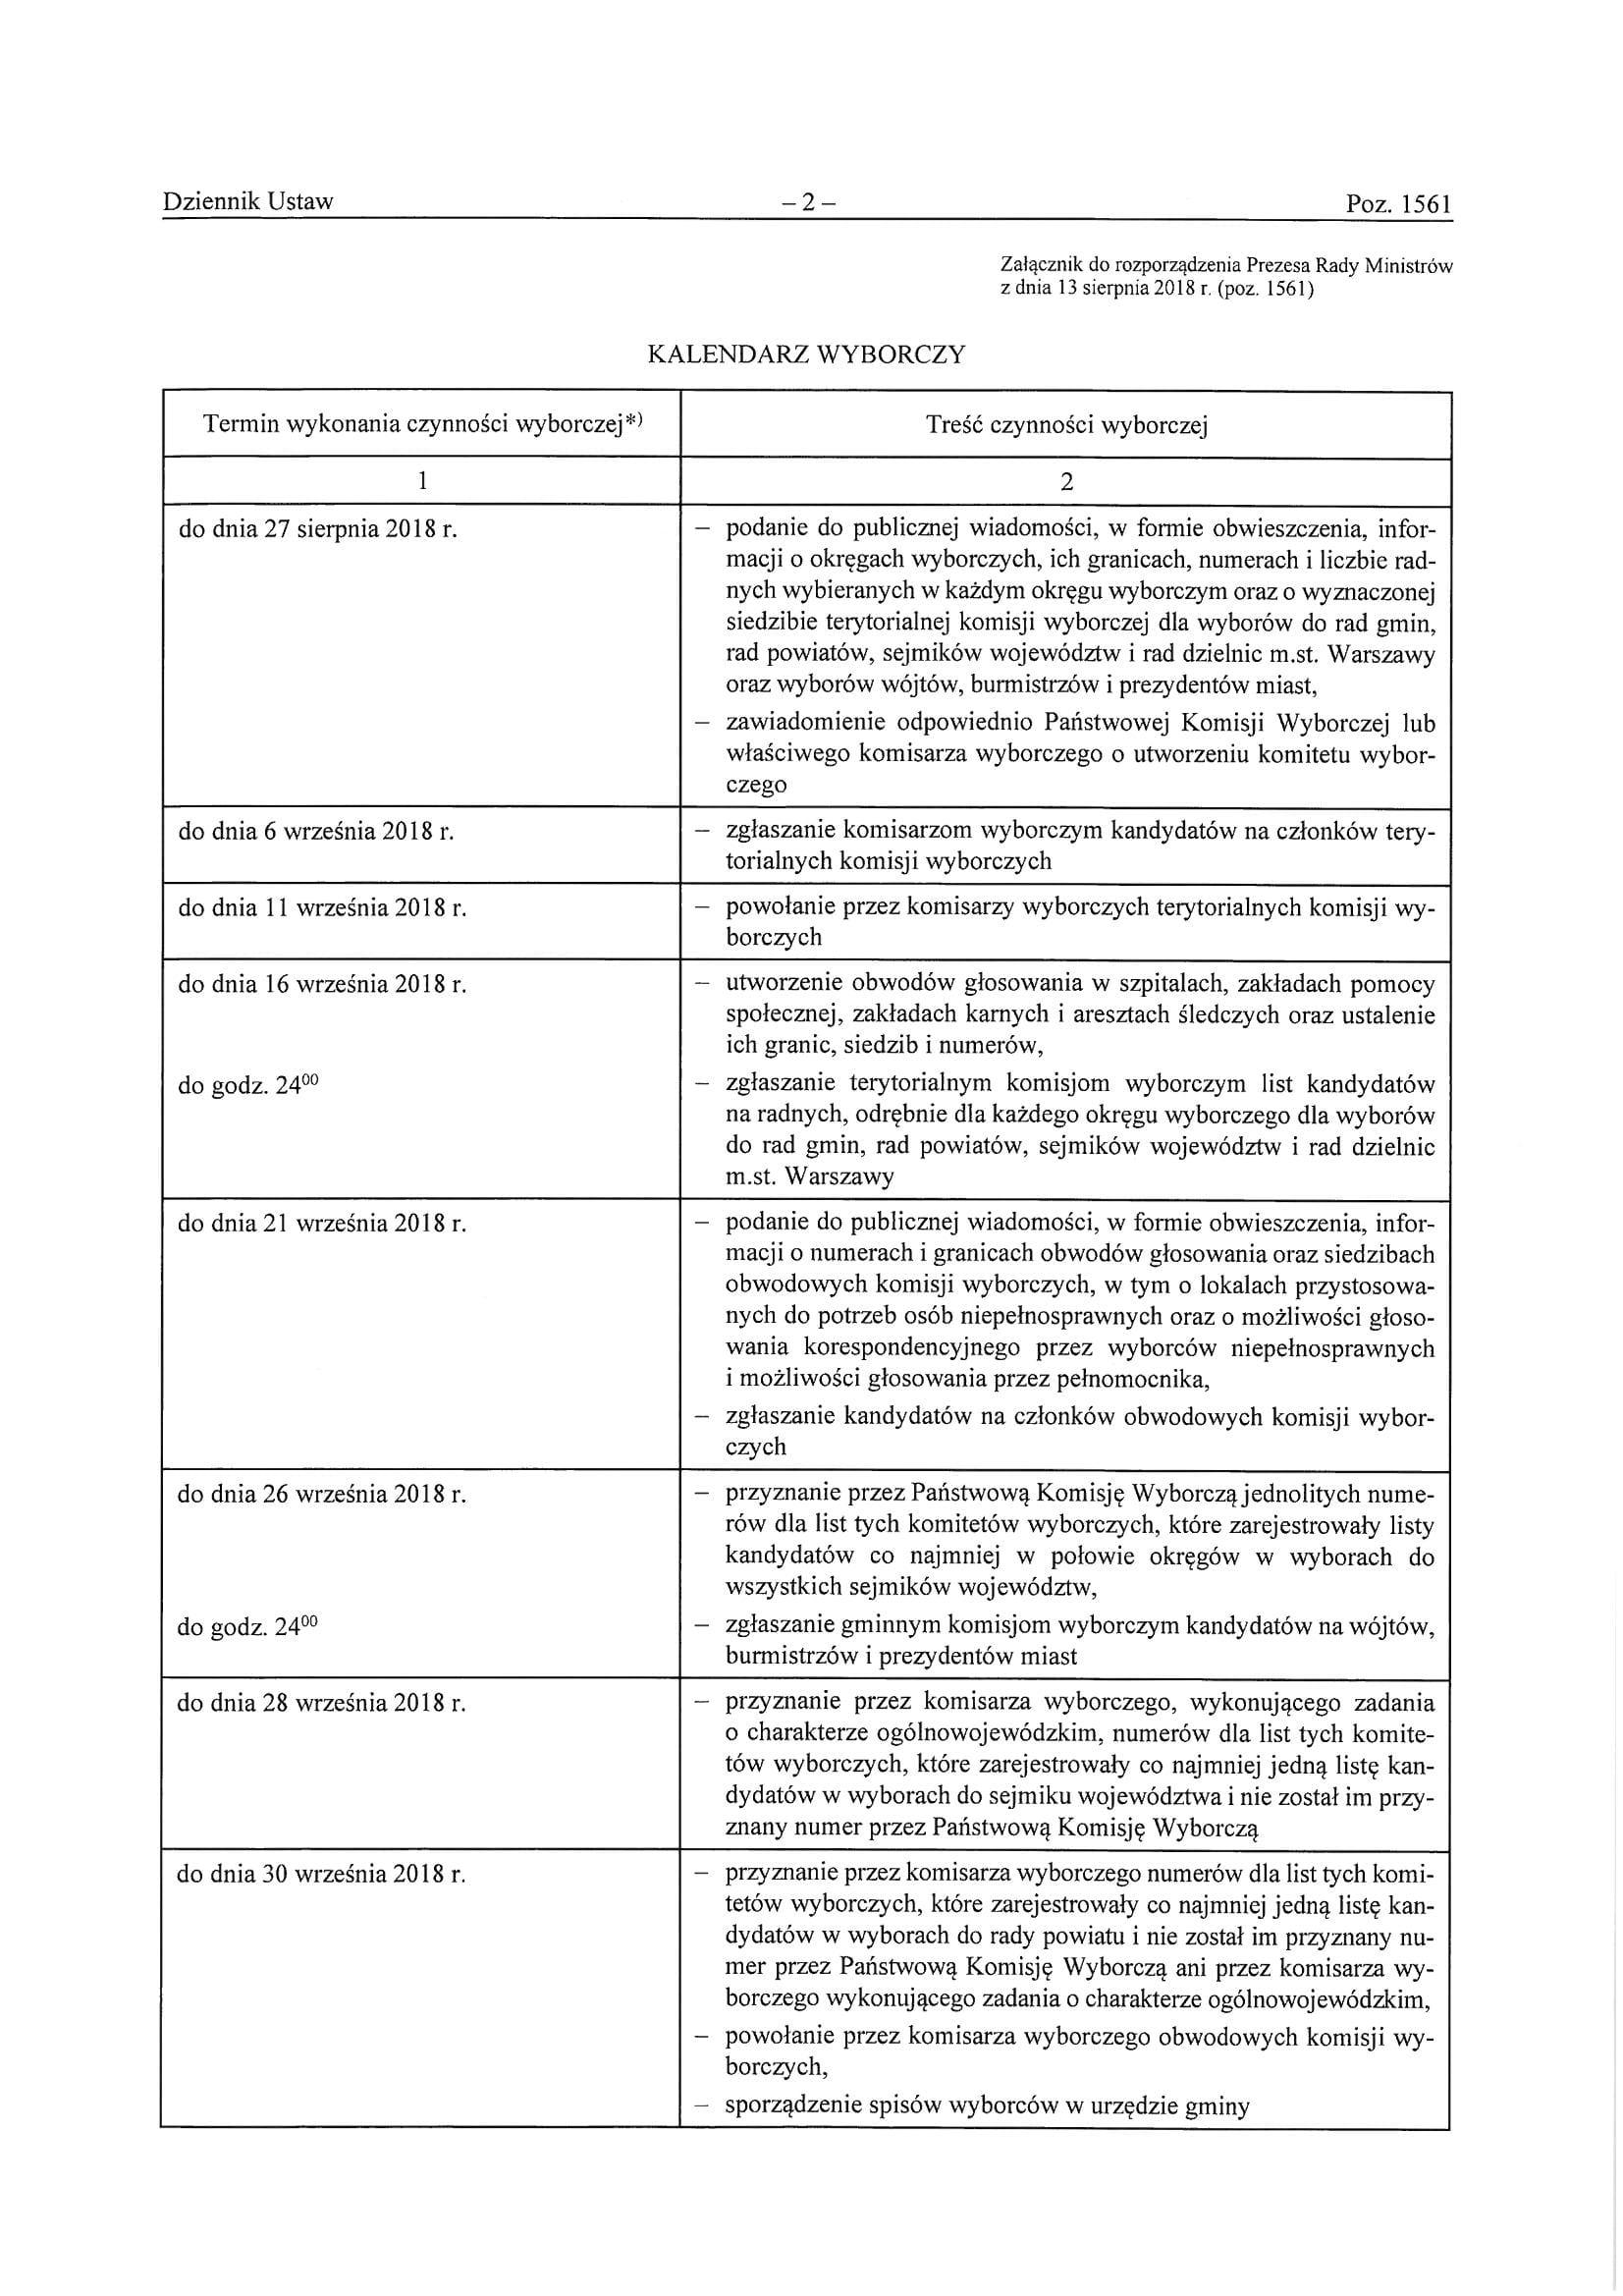 zarzadzenie_wyborow-2